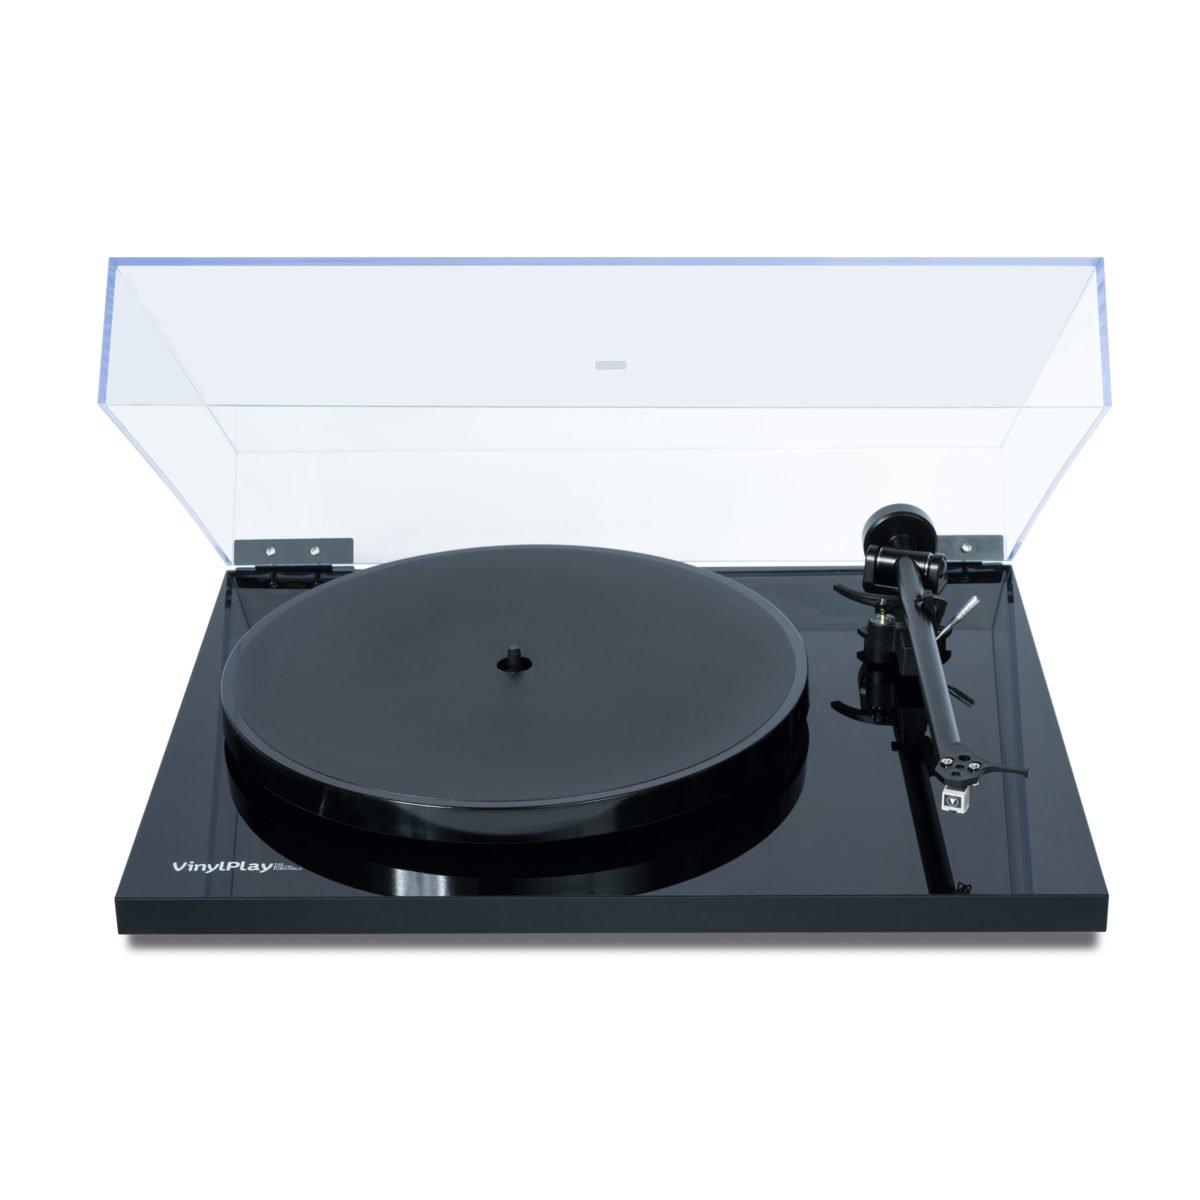 Sonos Platenspeler vinylplay zwart 6